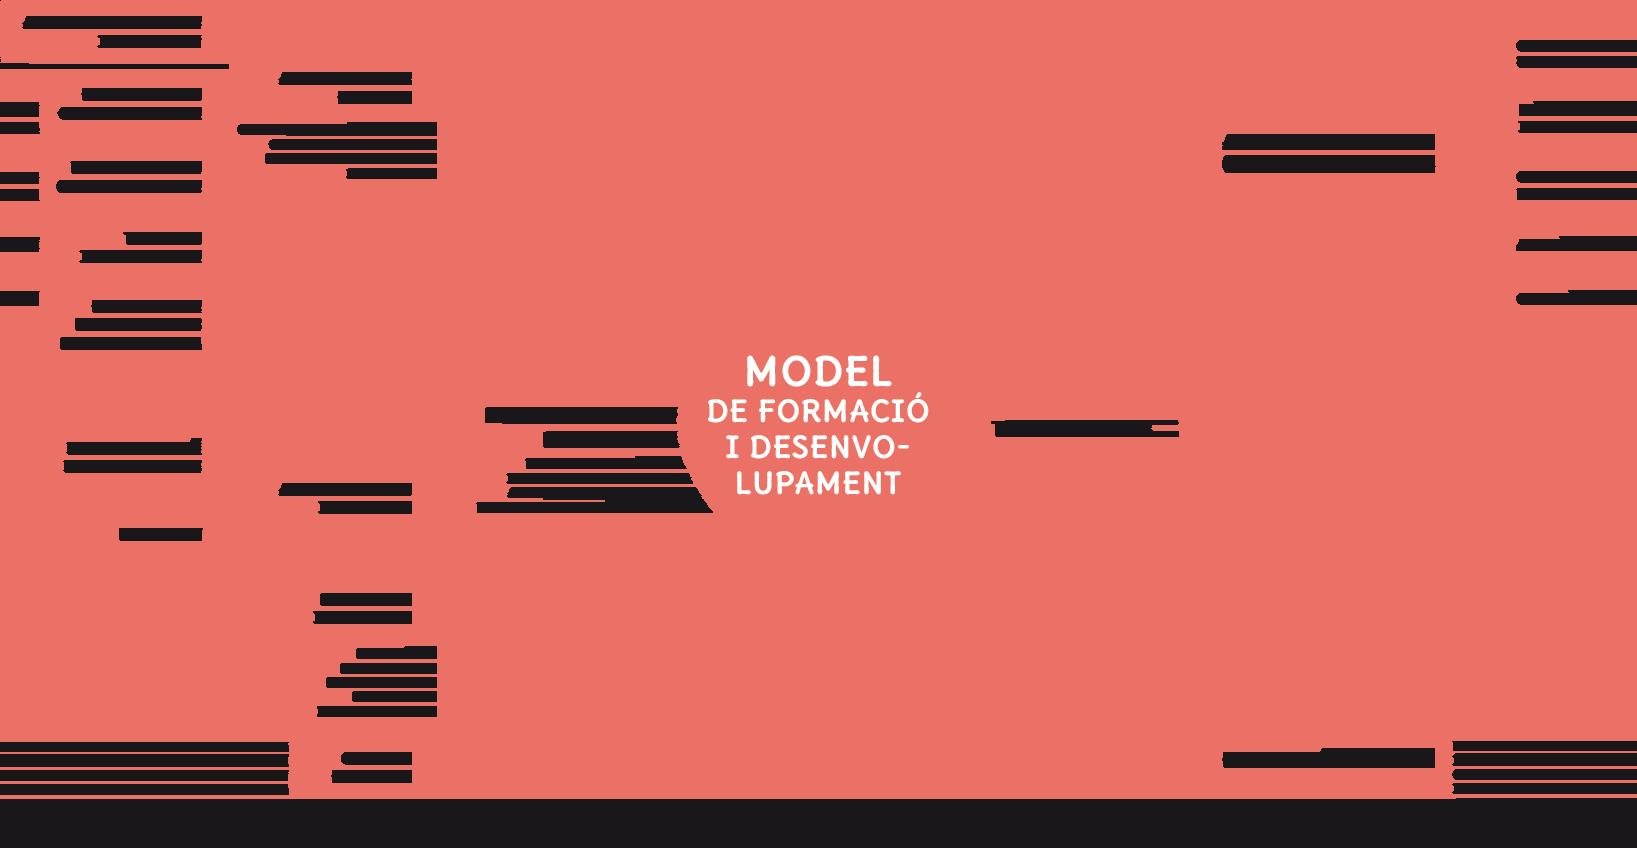 Models de formació i desenvolupament